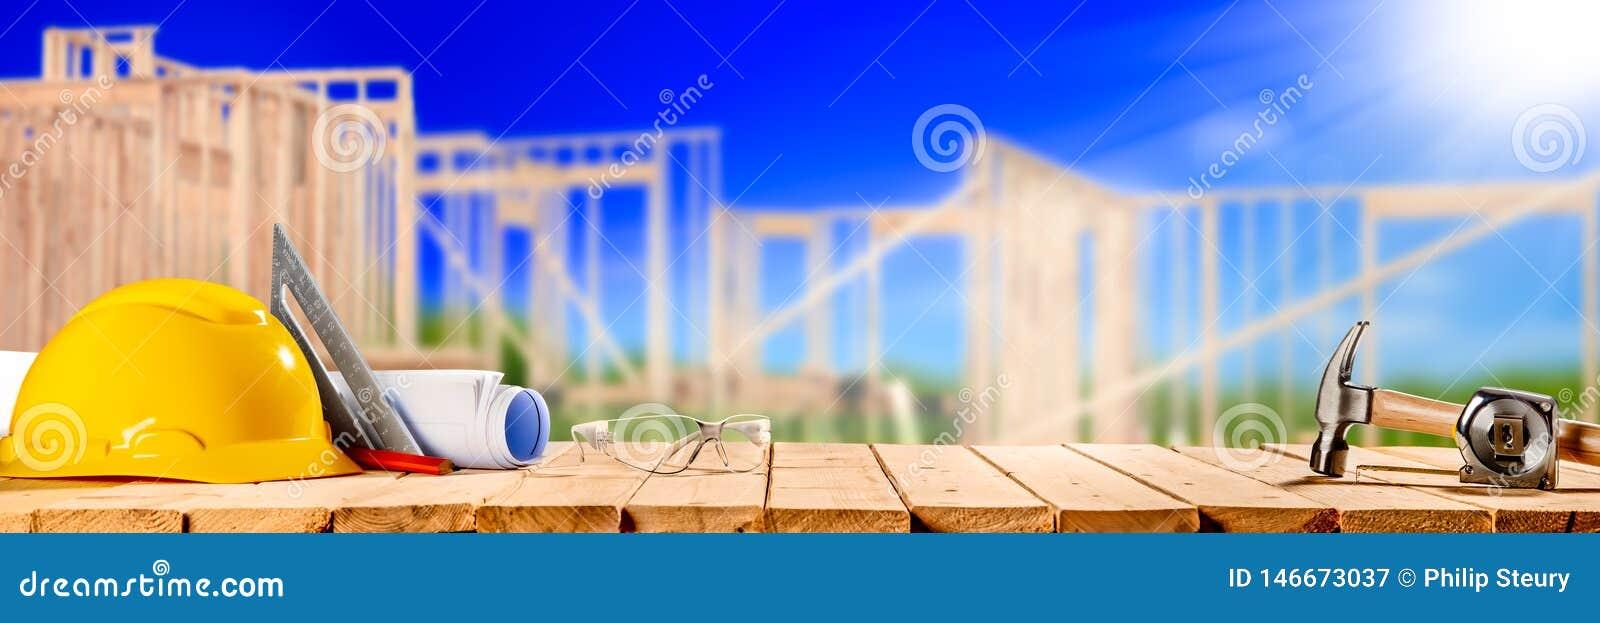 Инструменты конструкции на деревянном столе